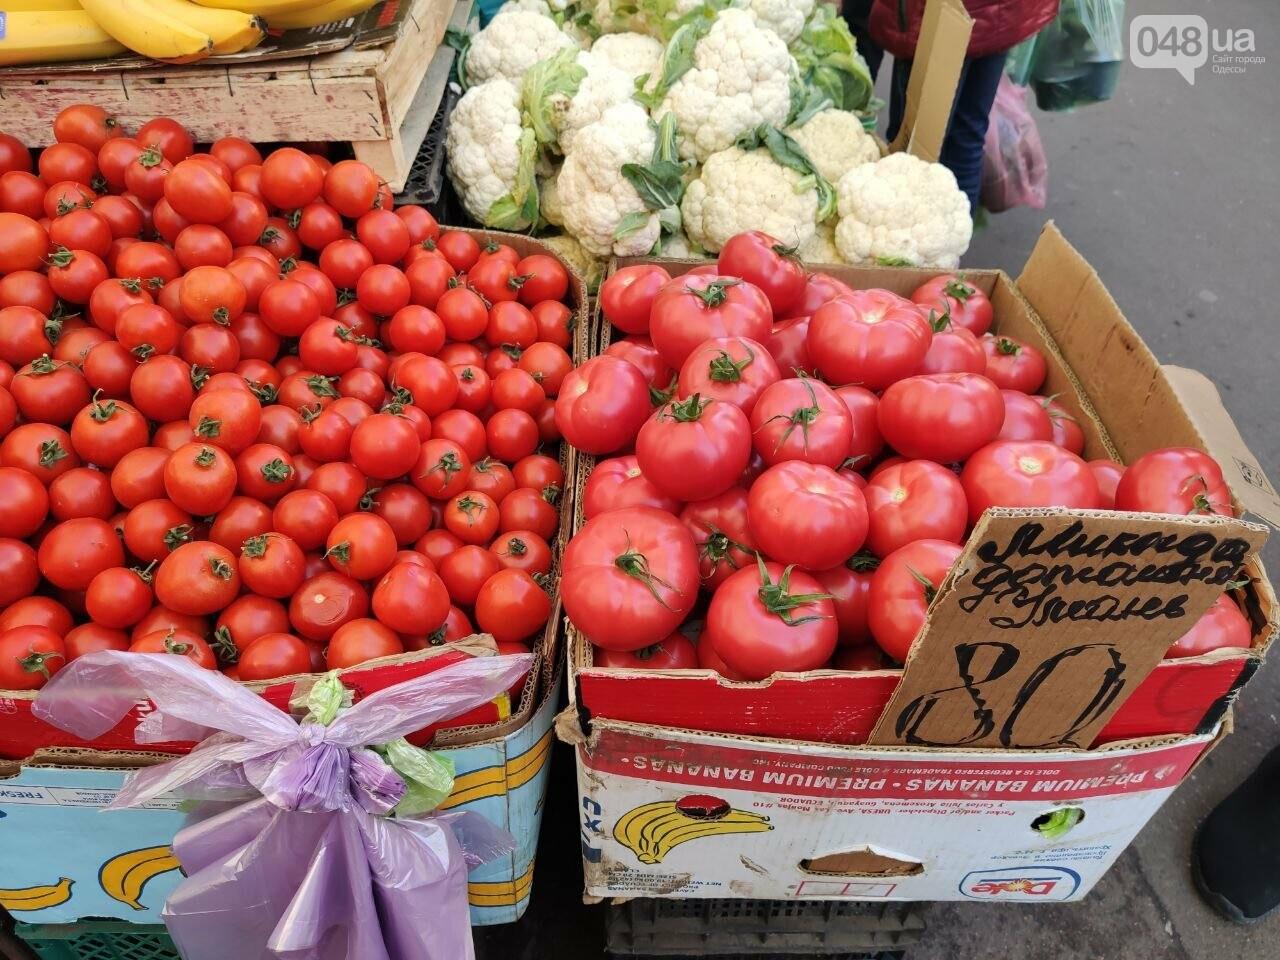 Клубника, ананас, микадо: почем на одесском Привозе перед Пасхой овощи и фрукты, - ФОТО, фото-2